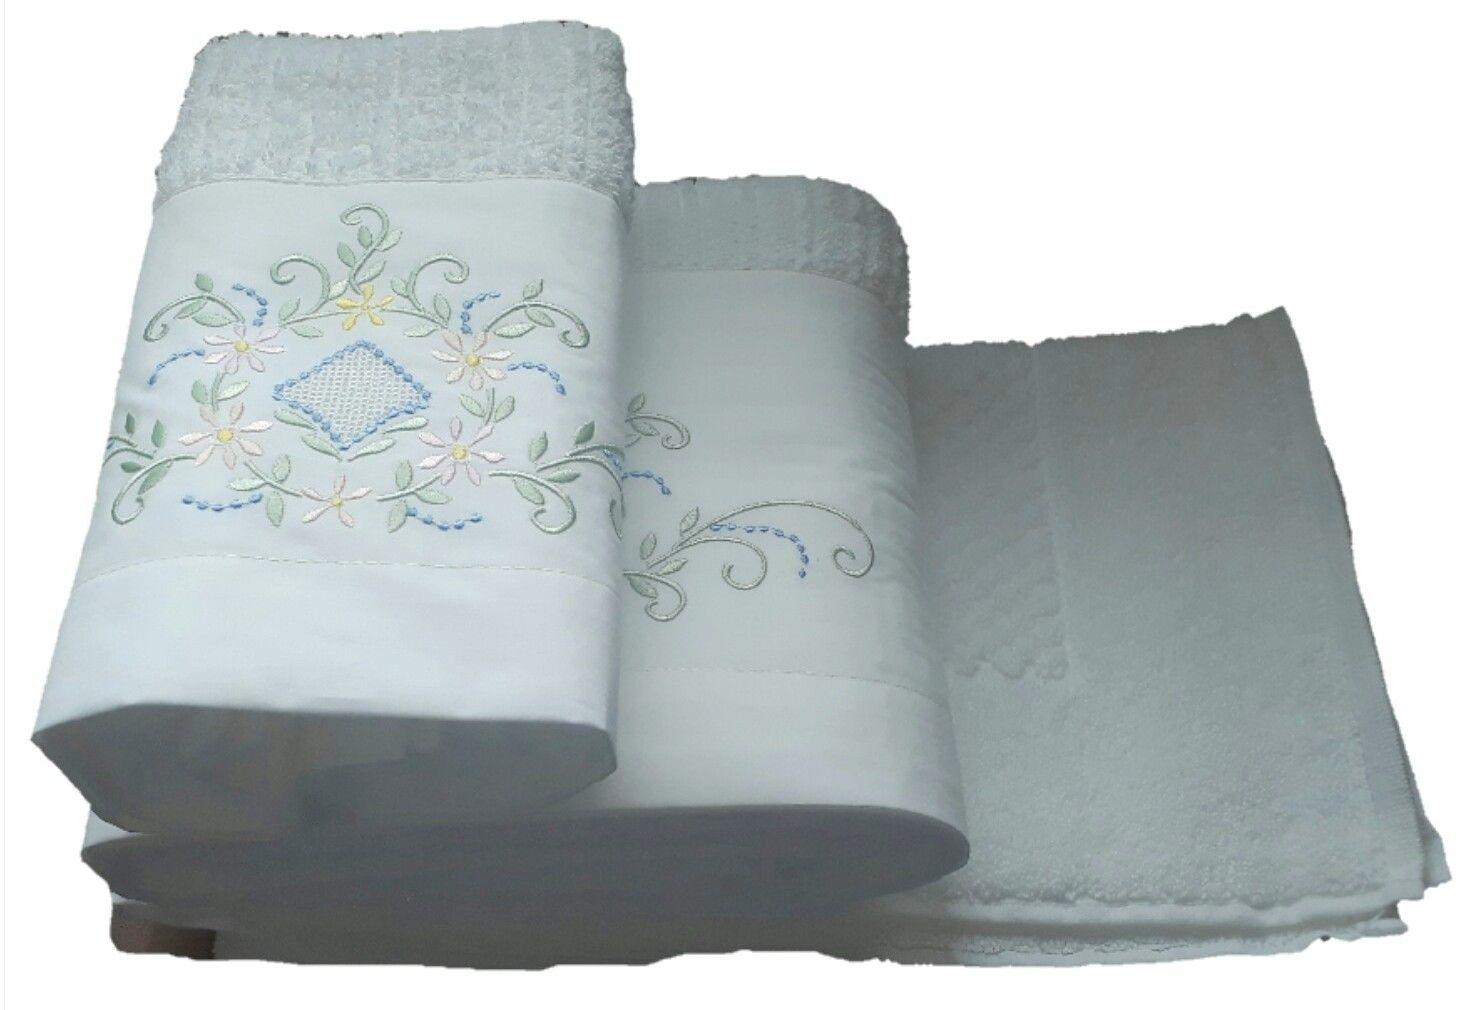 Jogo de Banho 3 peças Crivo branco/ colorido  - Helô Reis Store